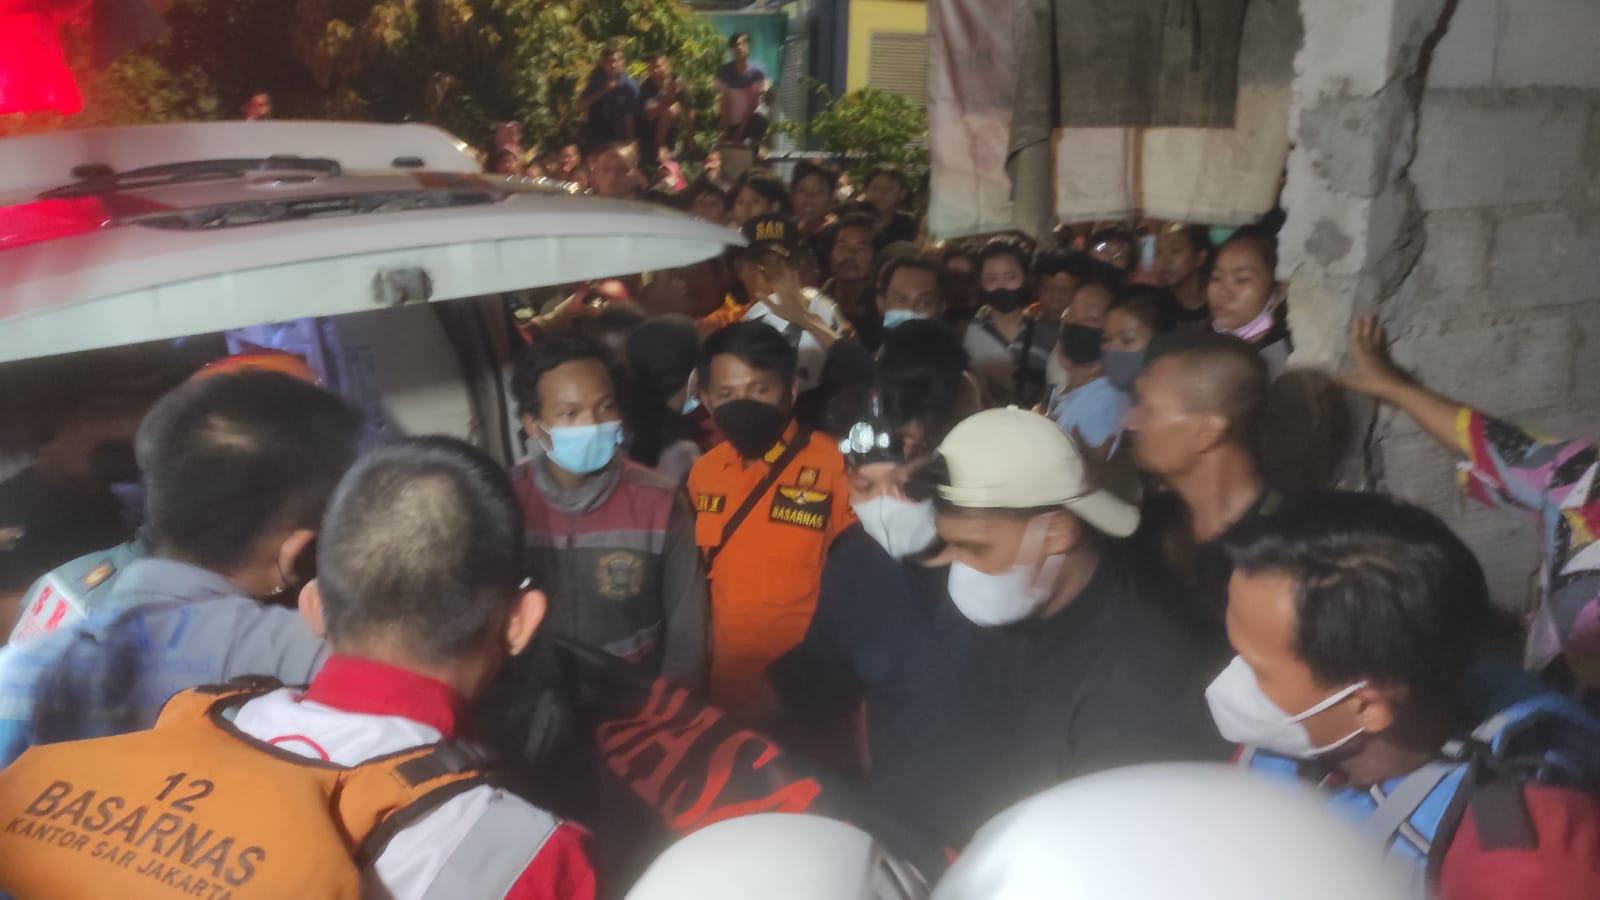 Remaja yang Tenggelam di Kali Teluk Gong Ditemukan Tewas - JPNN.com